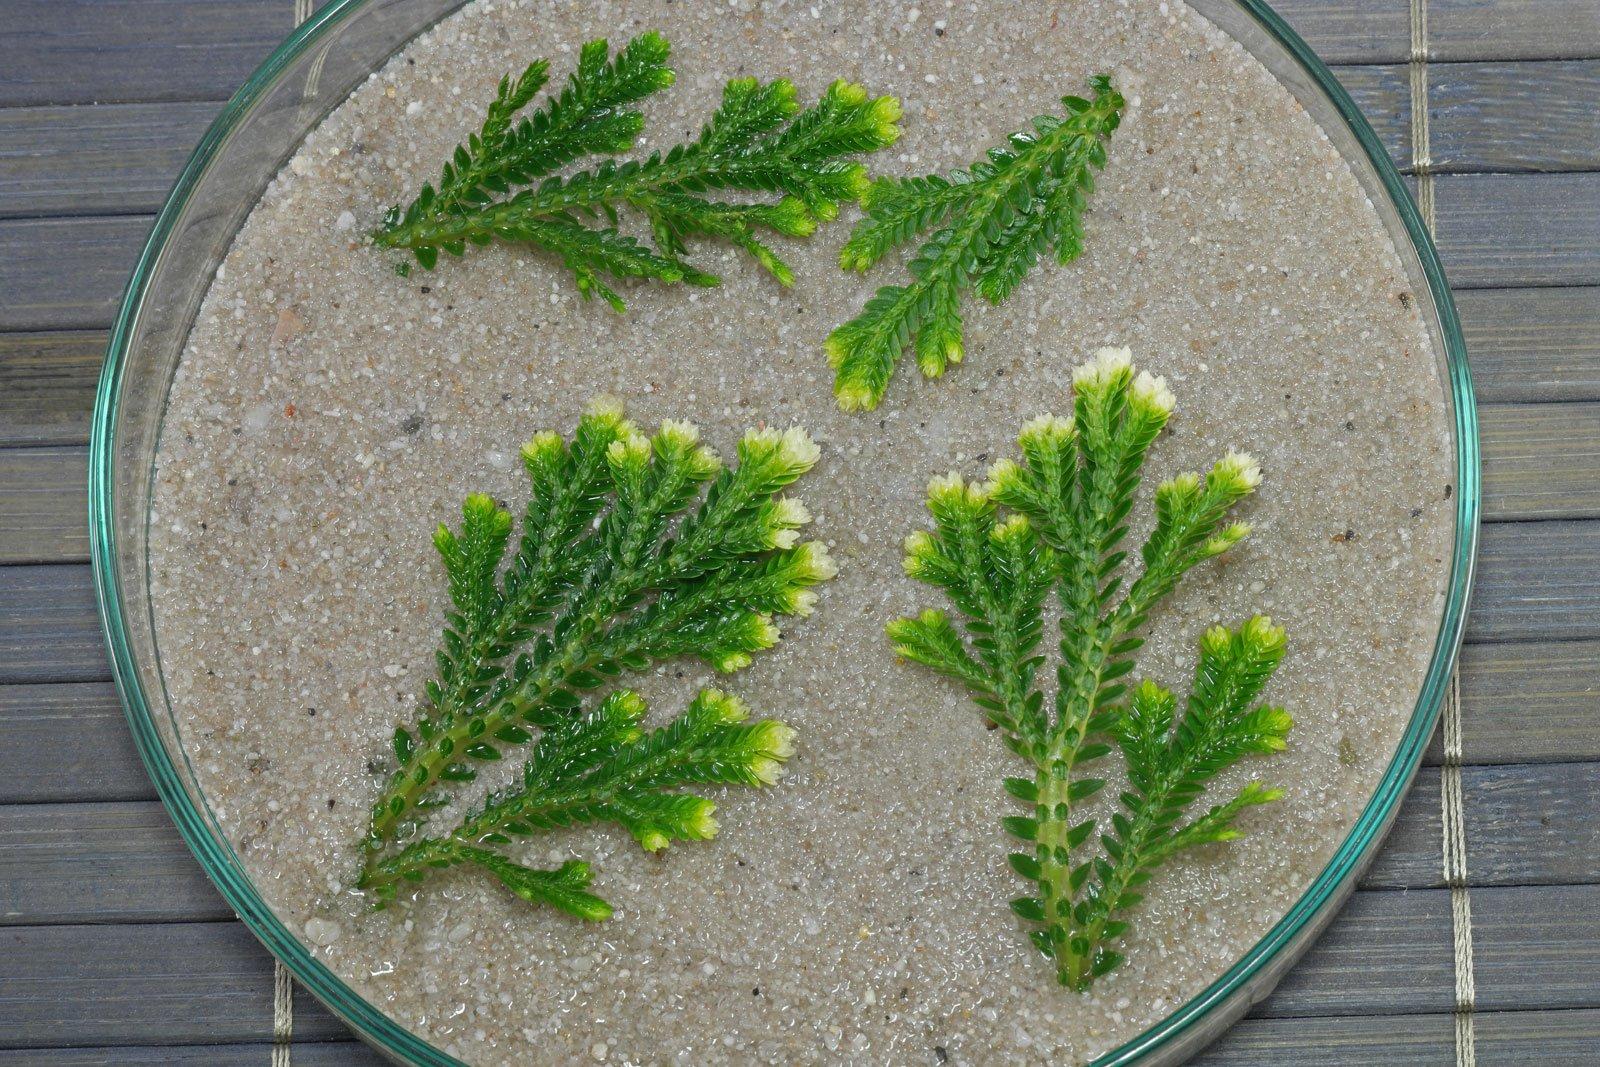 Selaginella martensii Stecklinge